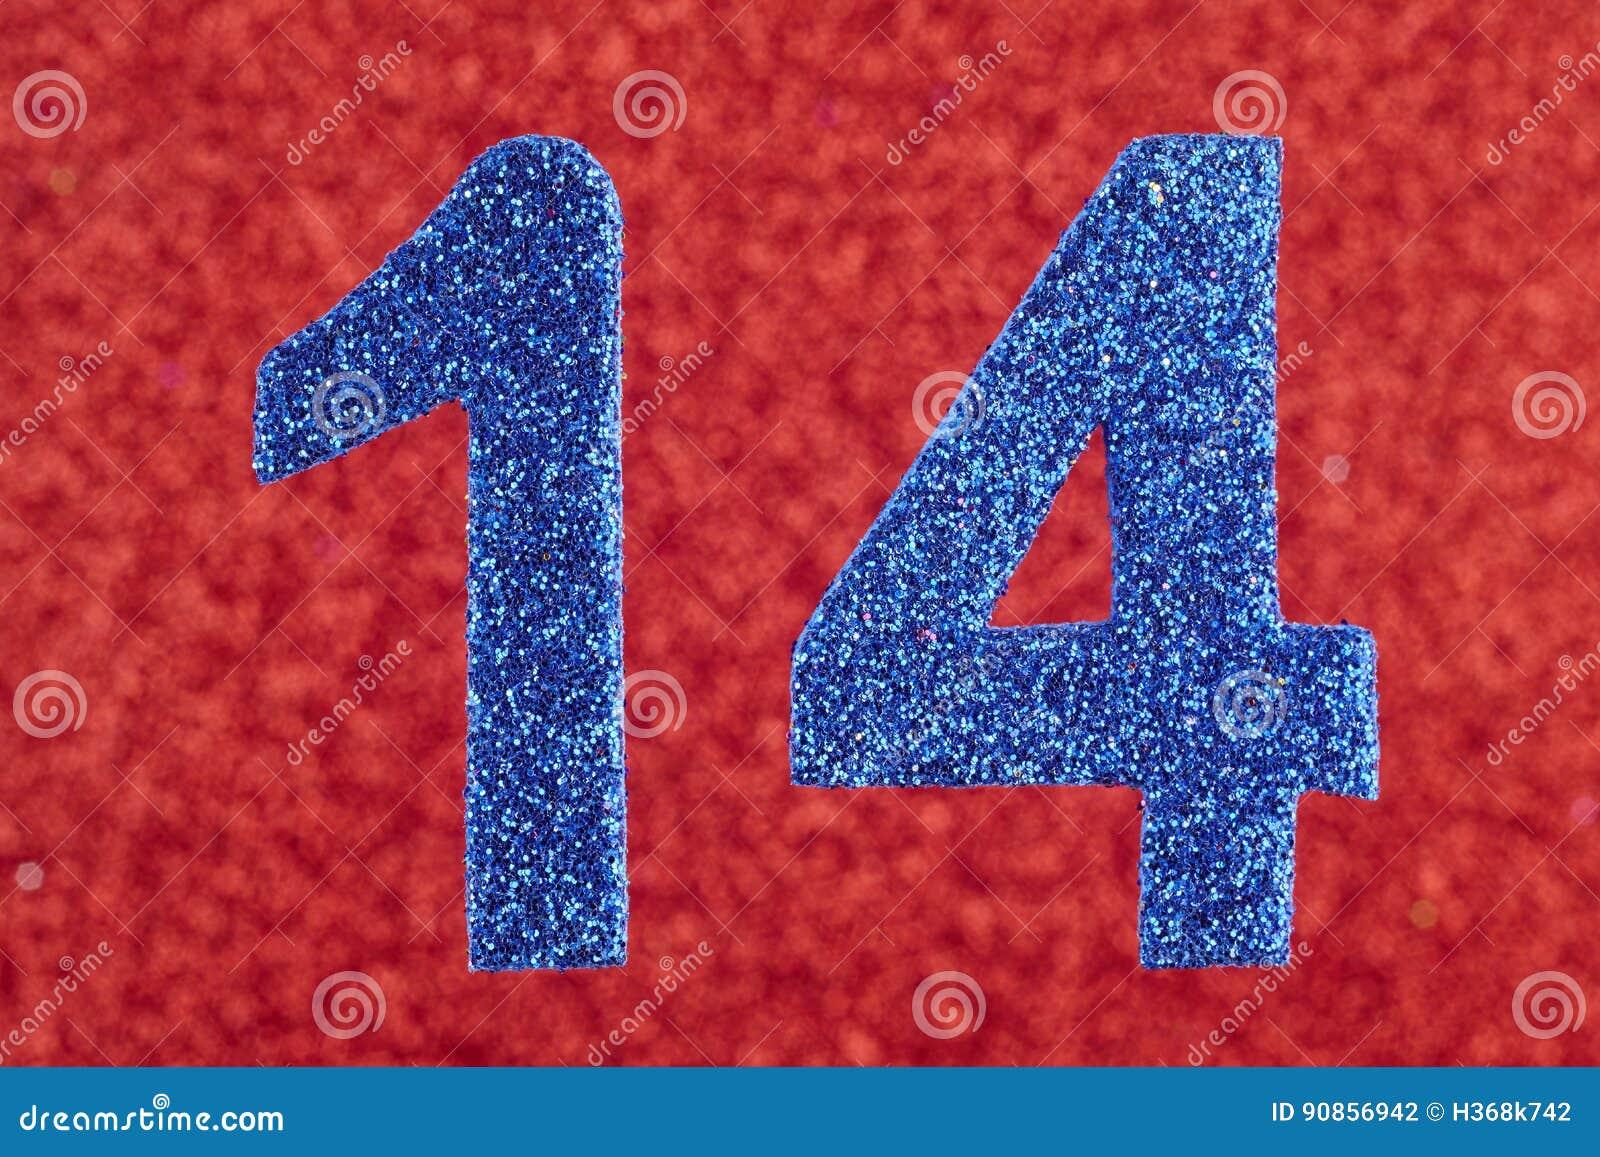 第在红色背景的十四种蓝色颜色 附注